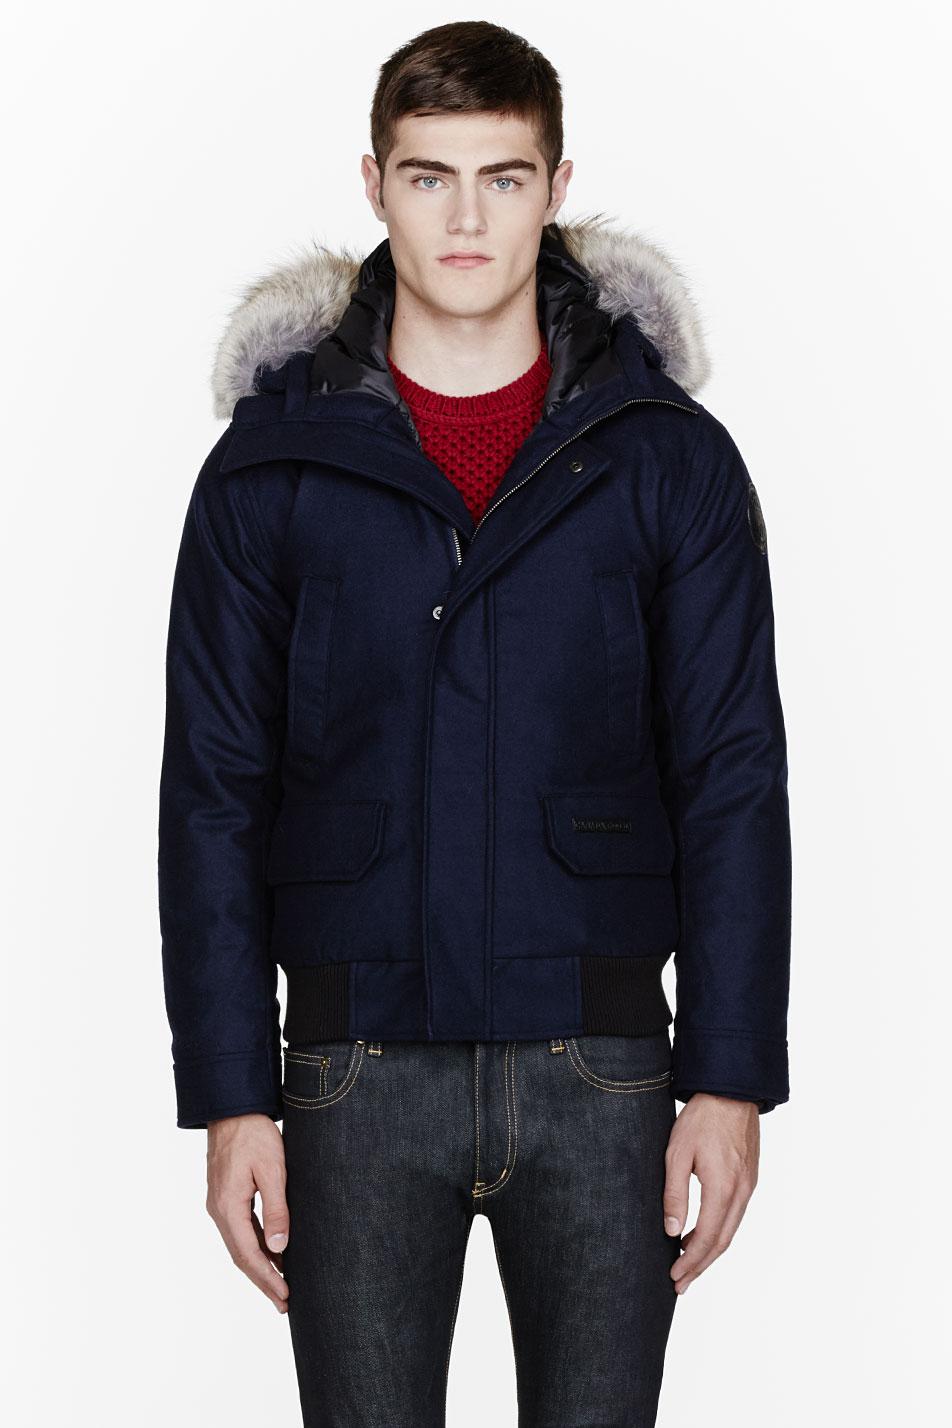 Canada goose jacket baby